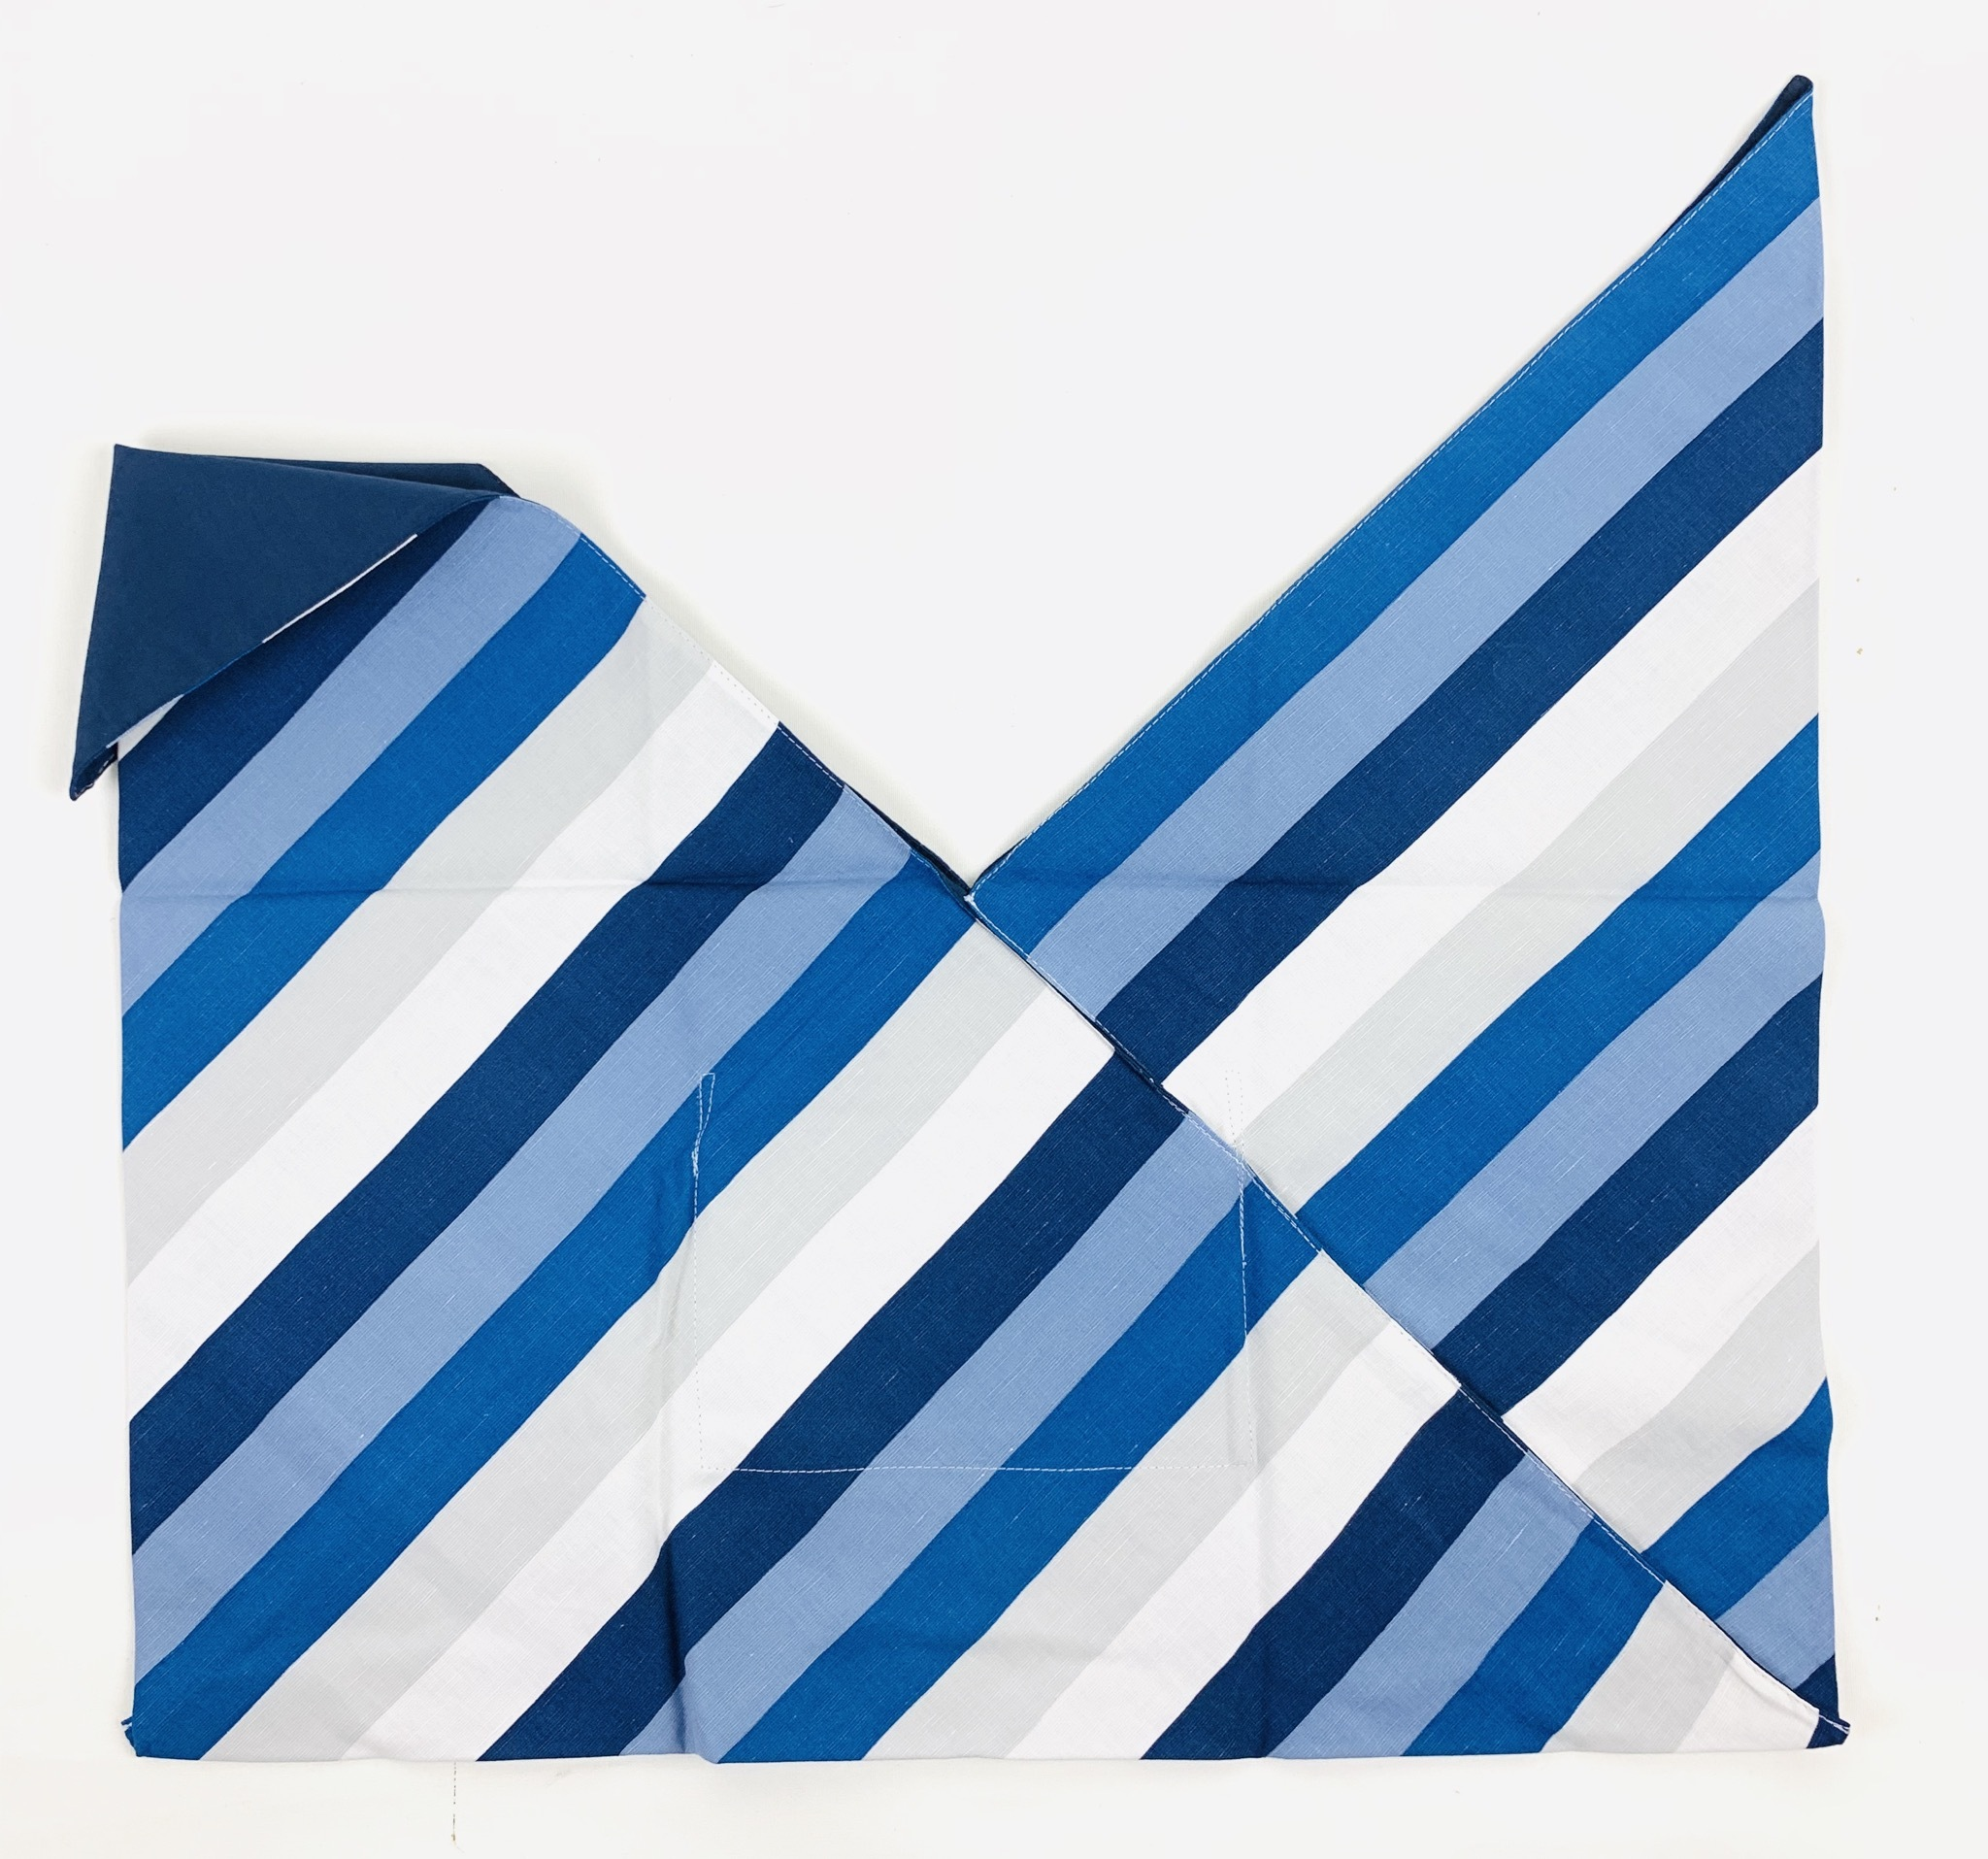 インバッグ ストライプ ブルー【Sサイズバッグ対応】